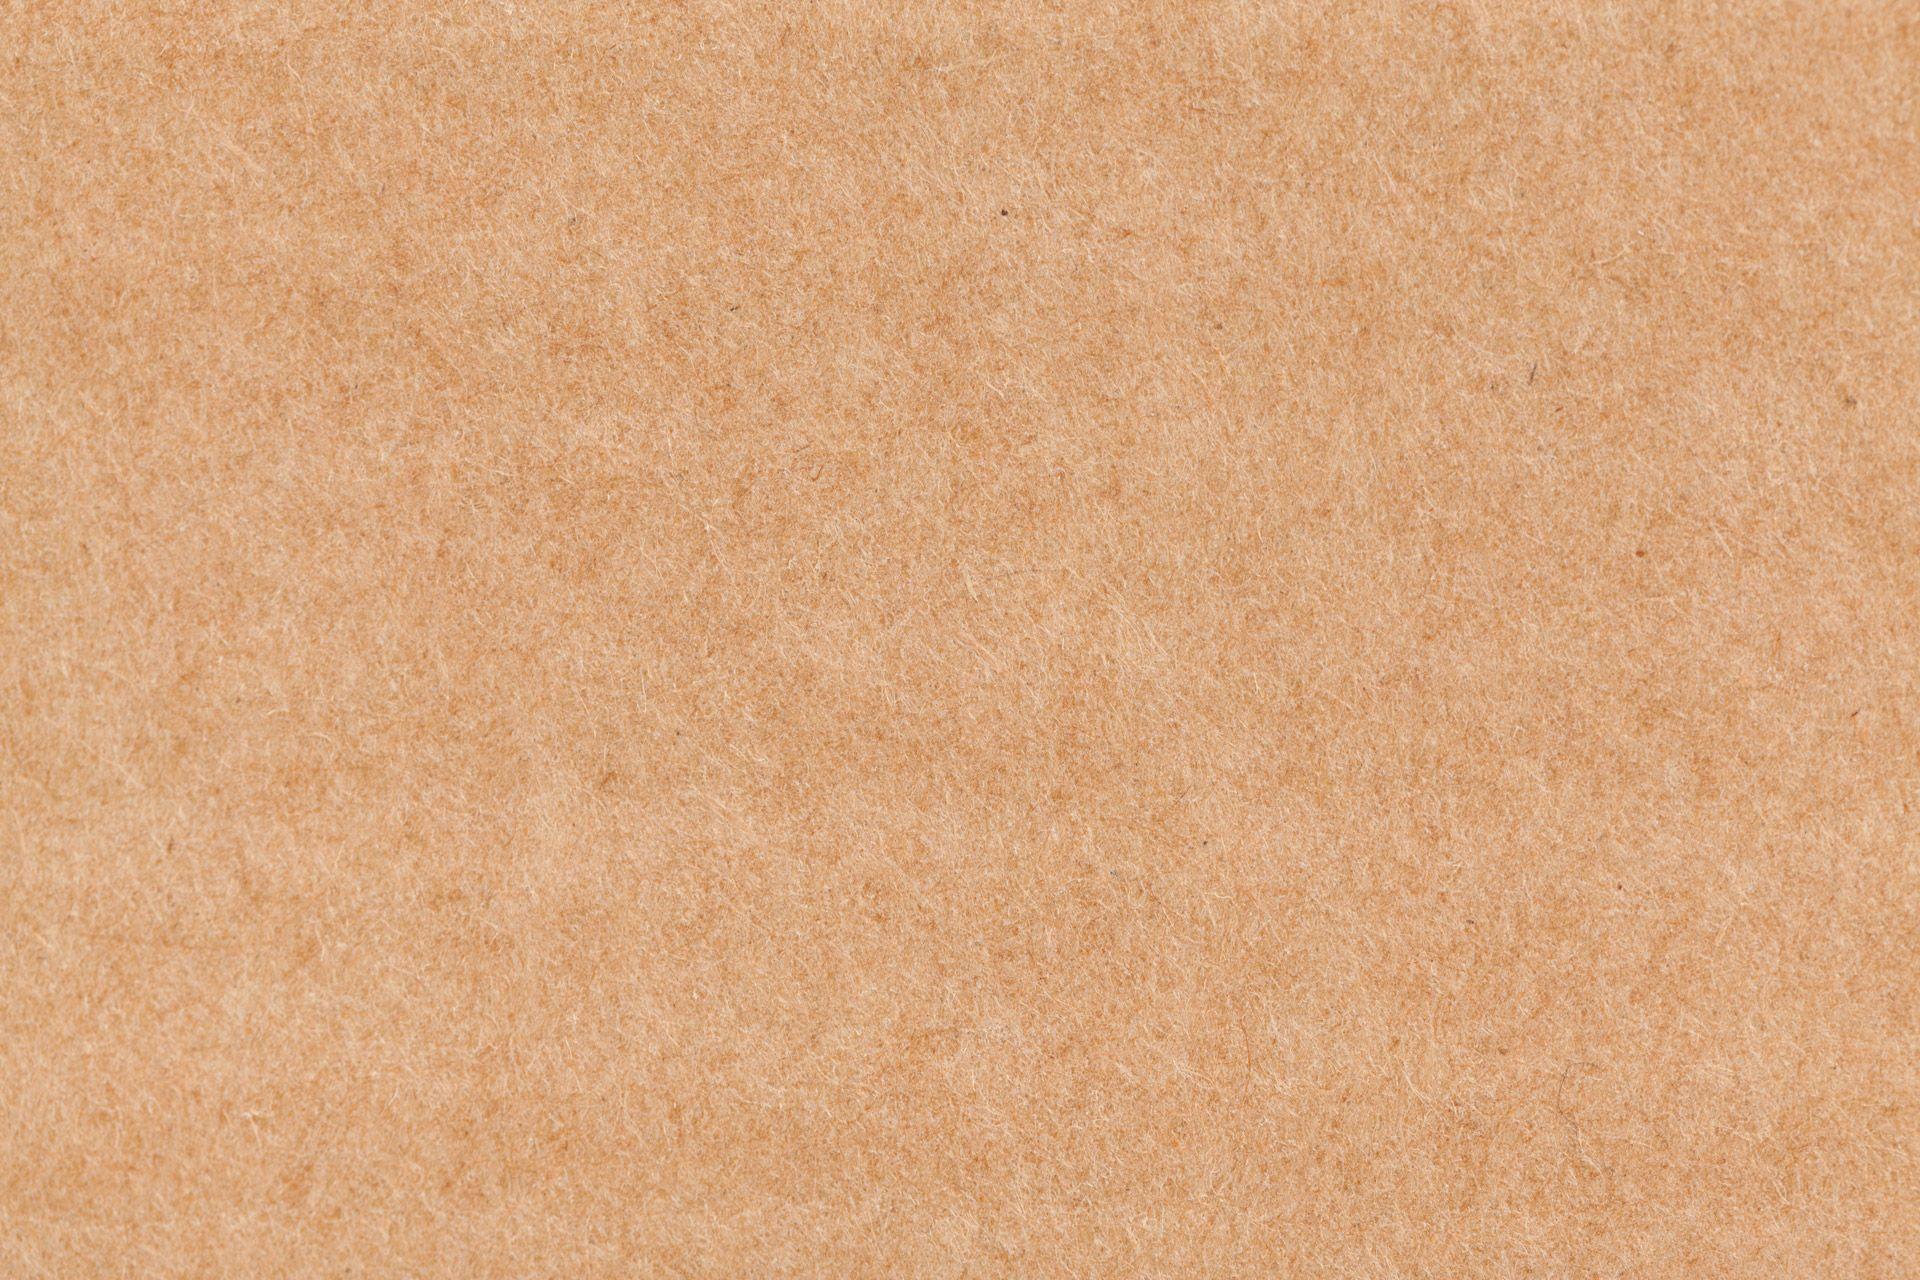 Textura Carton Craft - Buscar Con Google